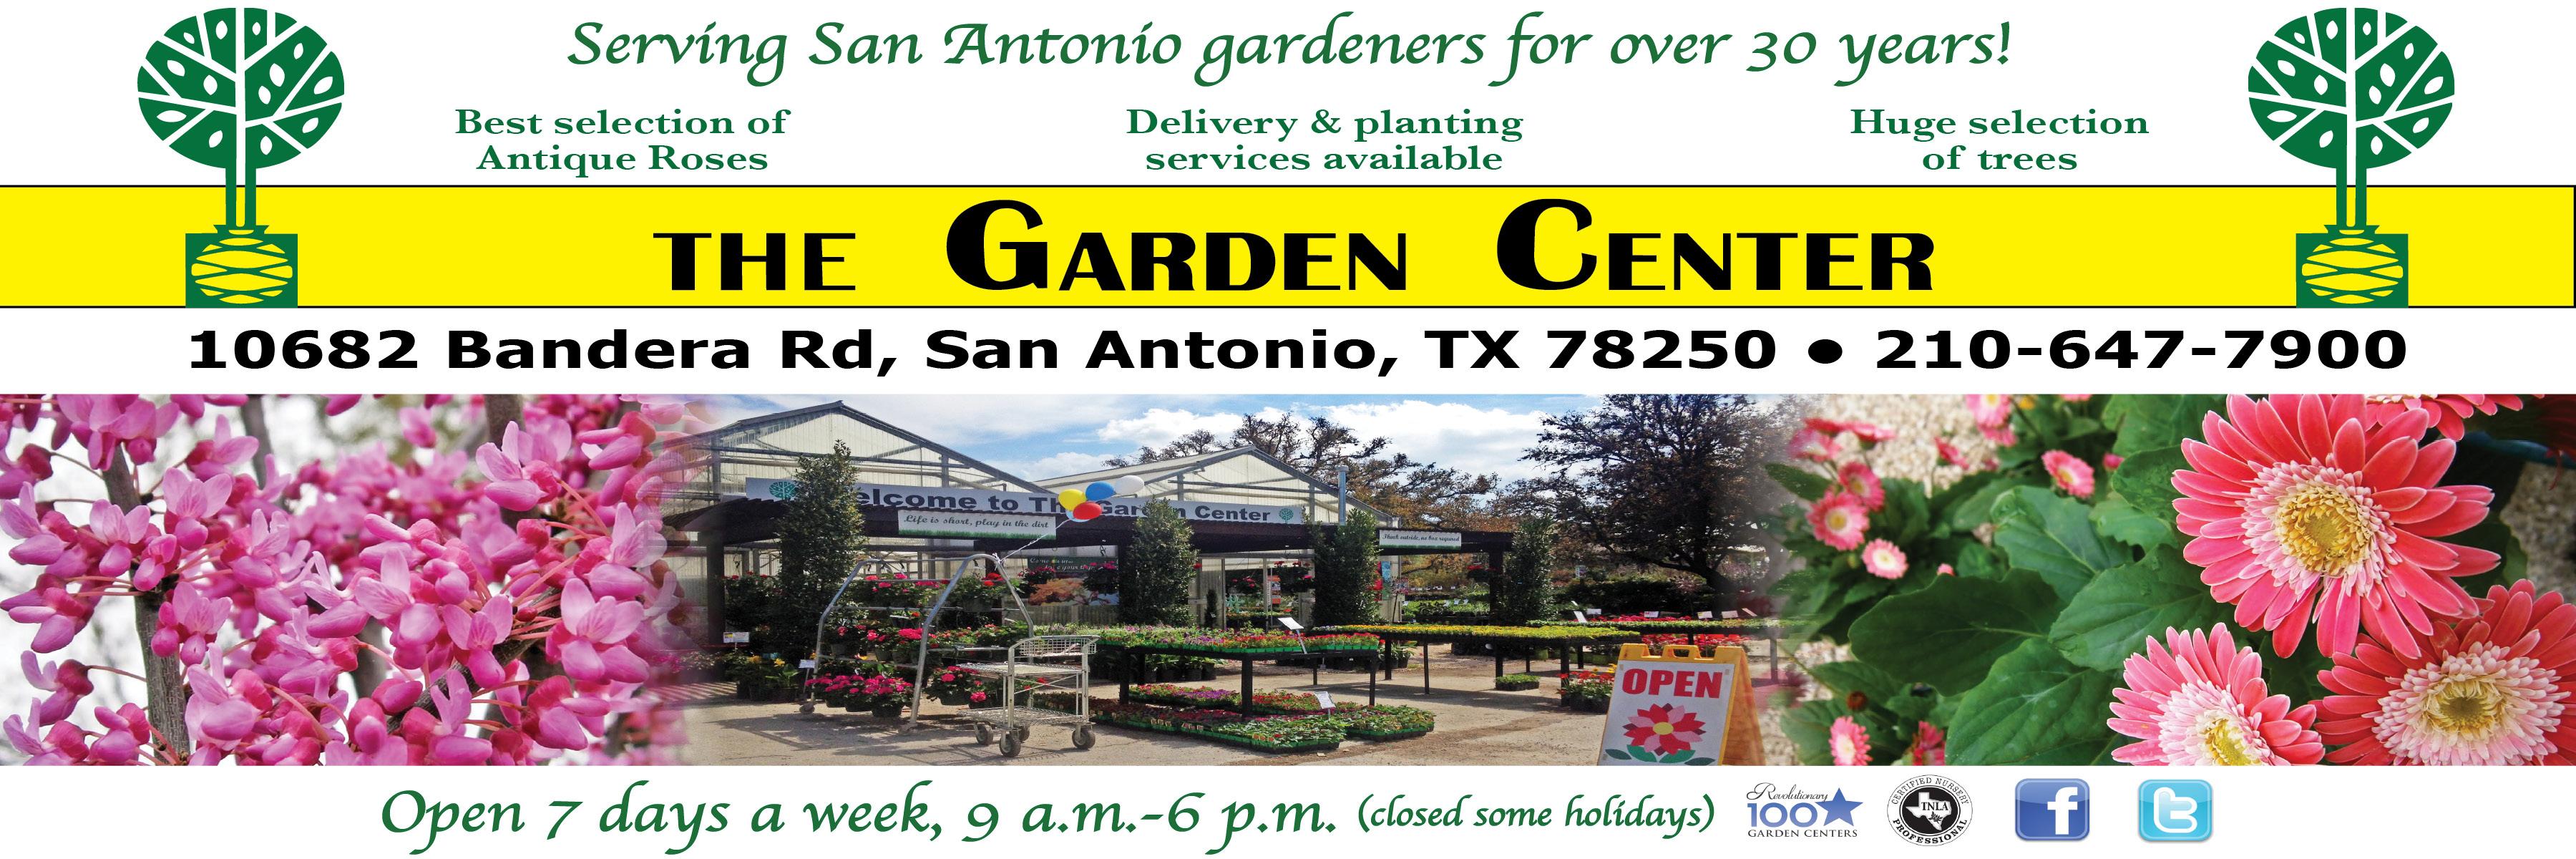 About The Garden Center Garden Center Nursery San Antonio